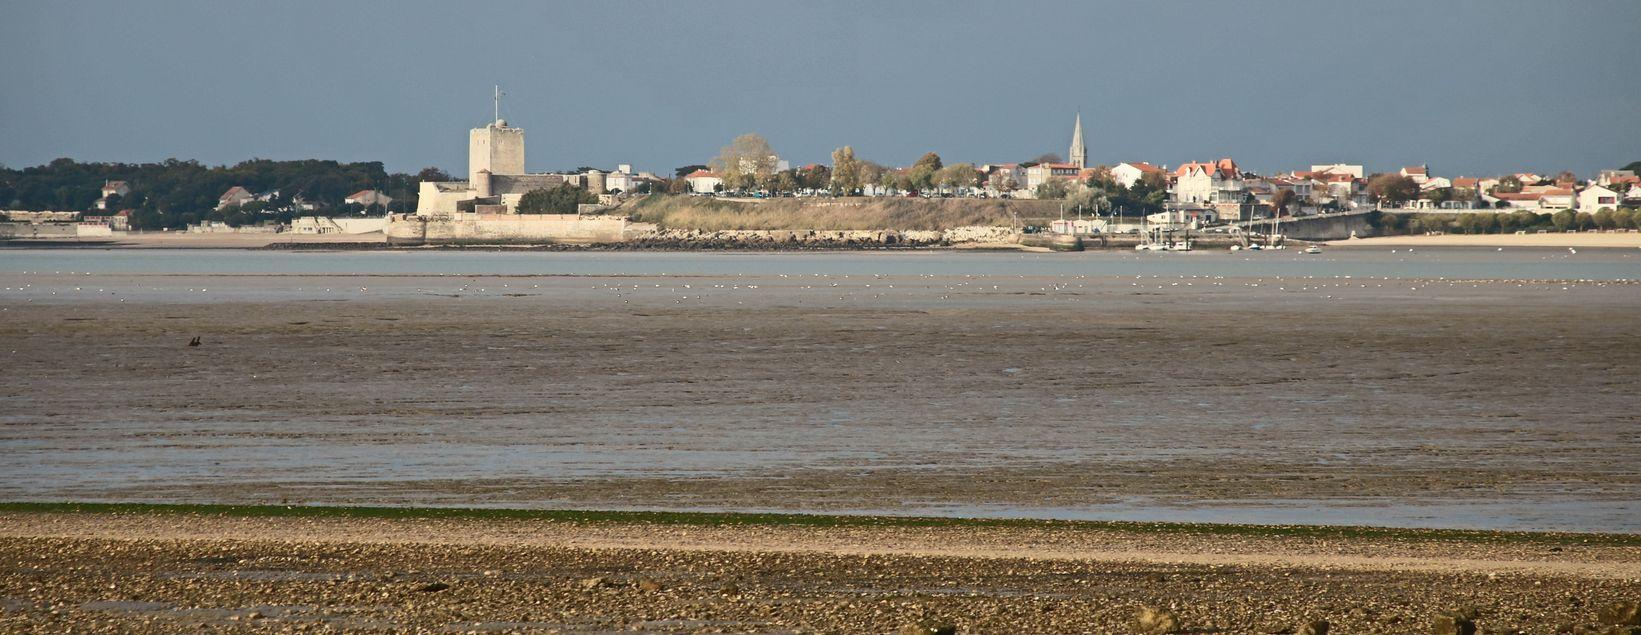 UTL Ile madame Vue sur l'Ile d'Aix et fort Boyard 8 11 2016 (3).jpg